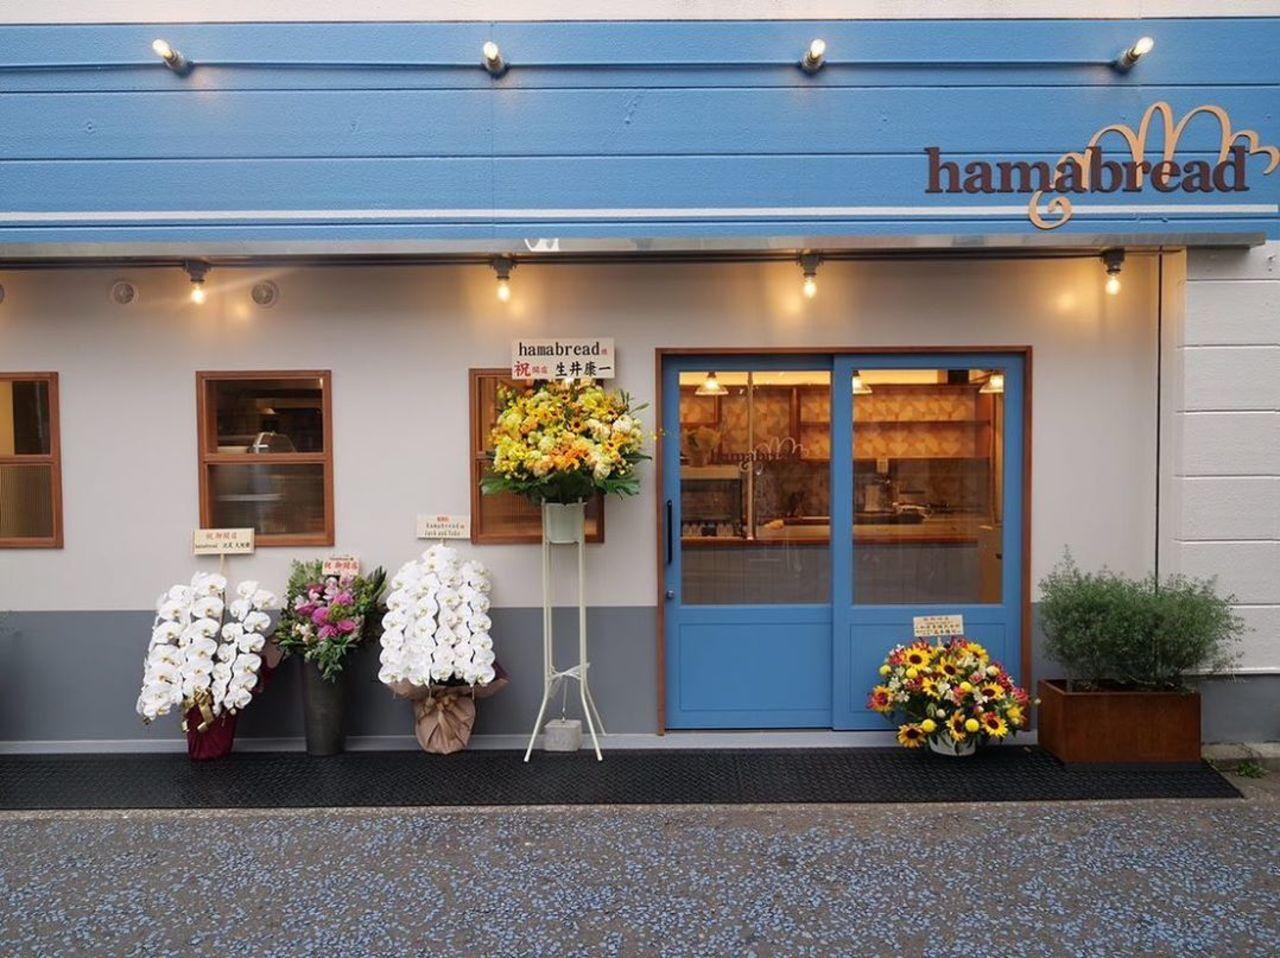 神奈川県横浜市中区石川町1丁目に「ハマブレッド」が5/9にグランドオープンされたようです。